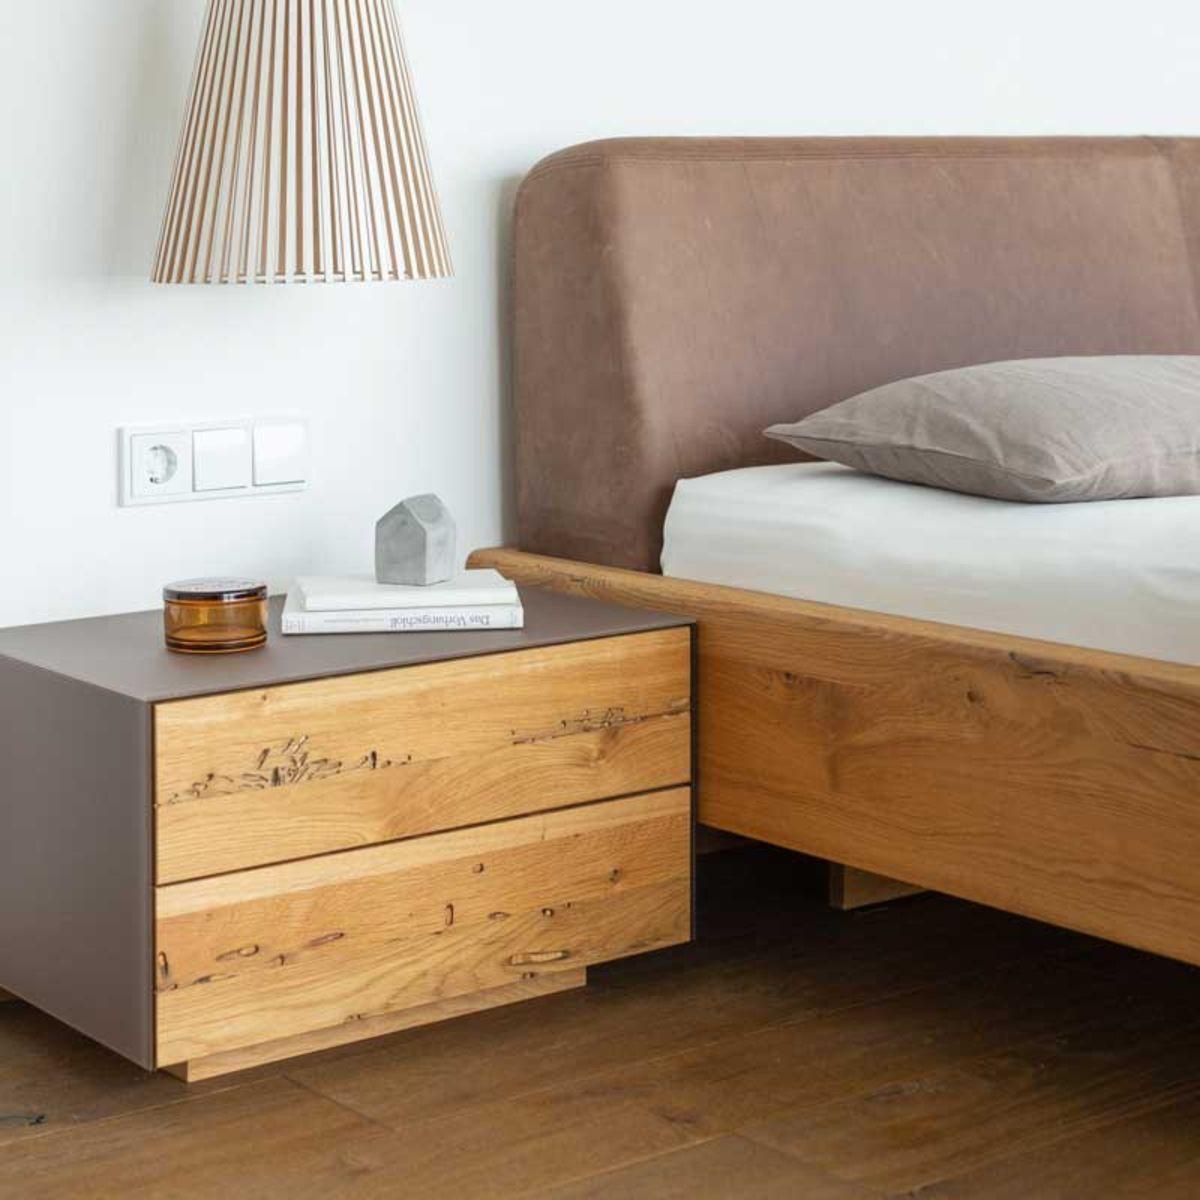 nox Bett mit cubus pure Nachtkästchen von TEAM 7 München